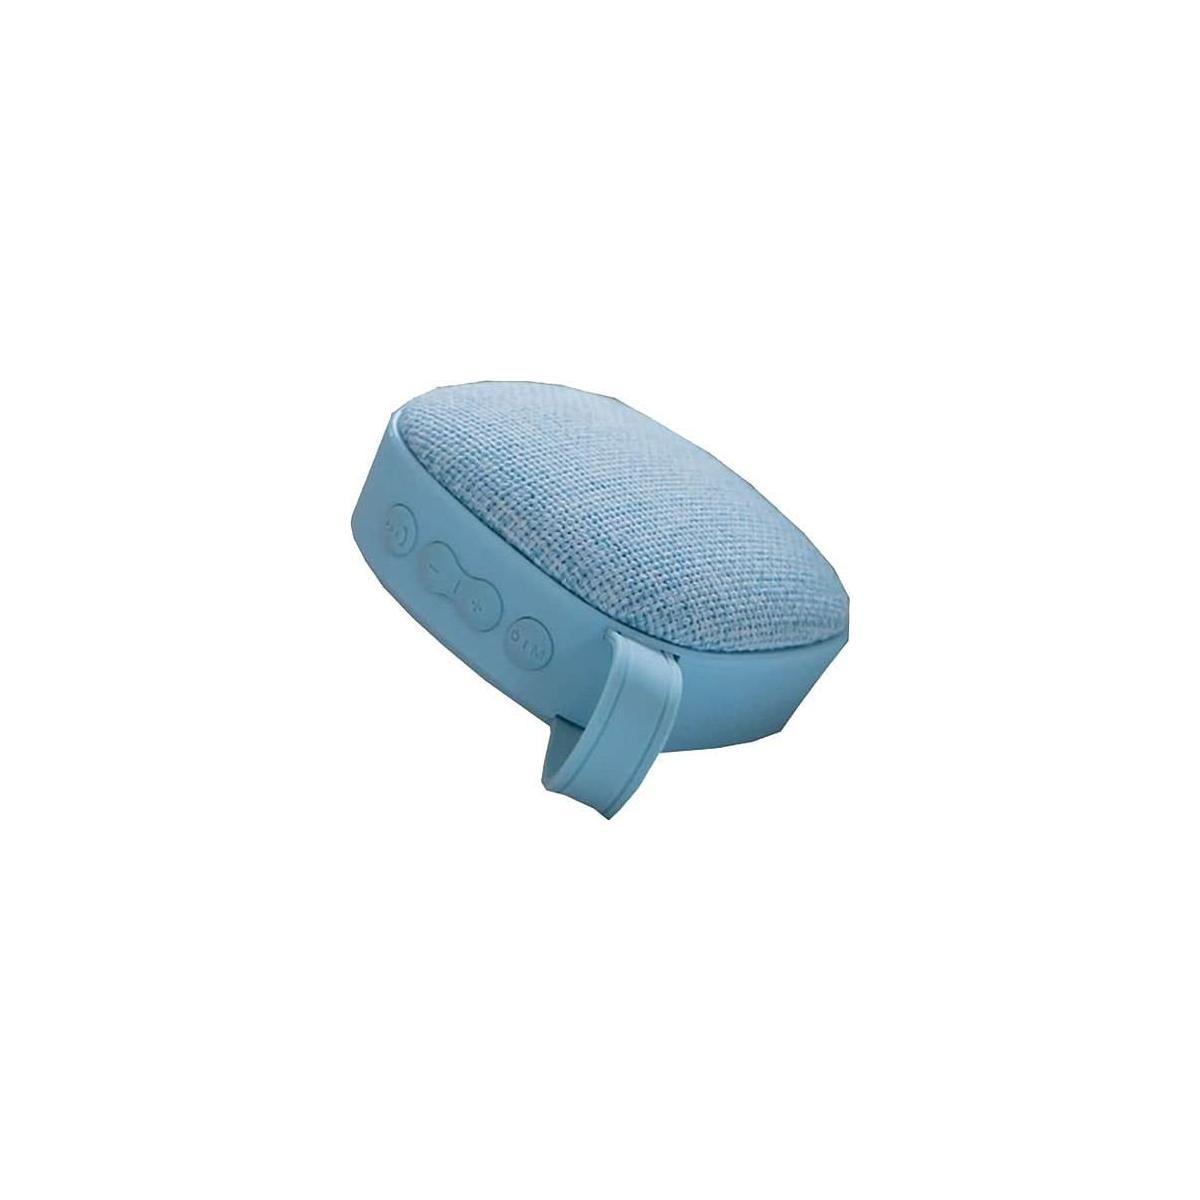 Piranha Bluetooth Hoparlör Fiyatları